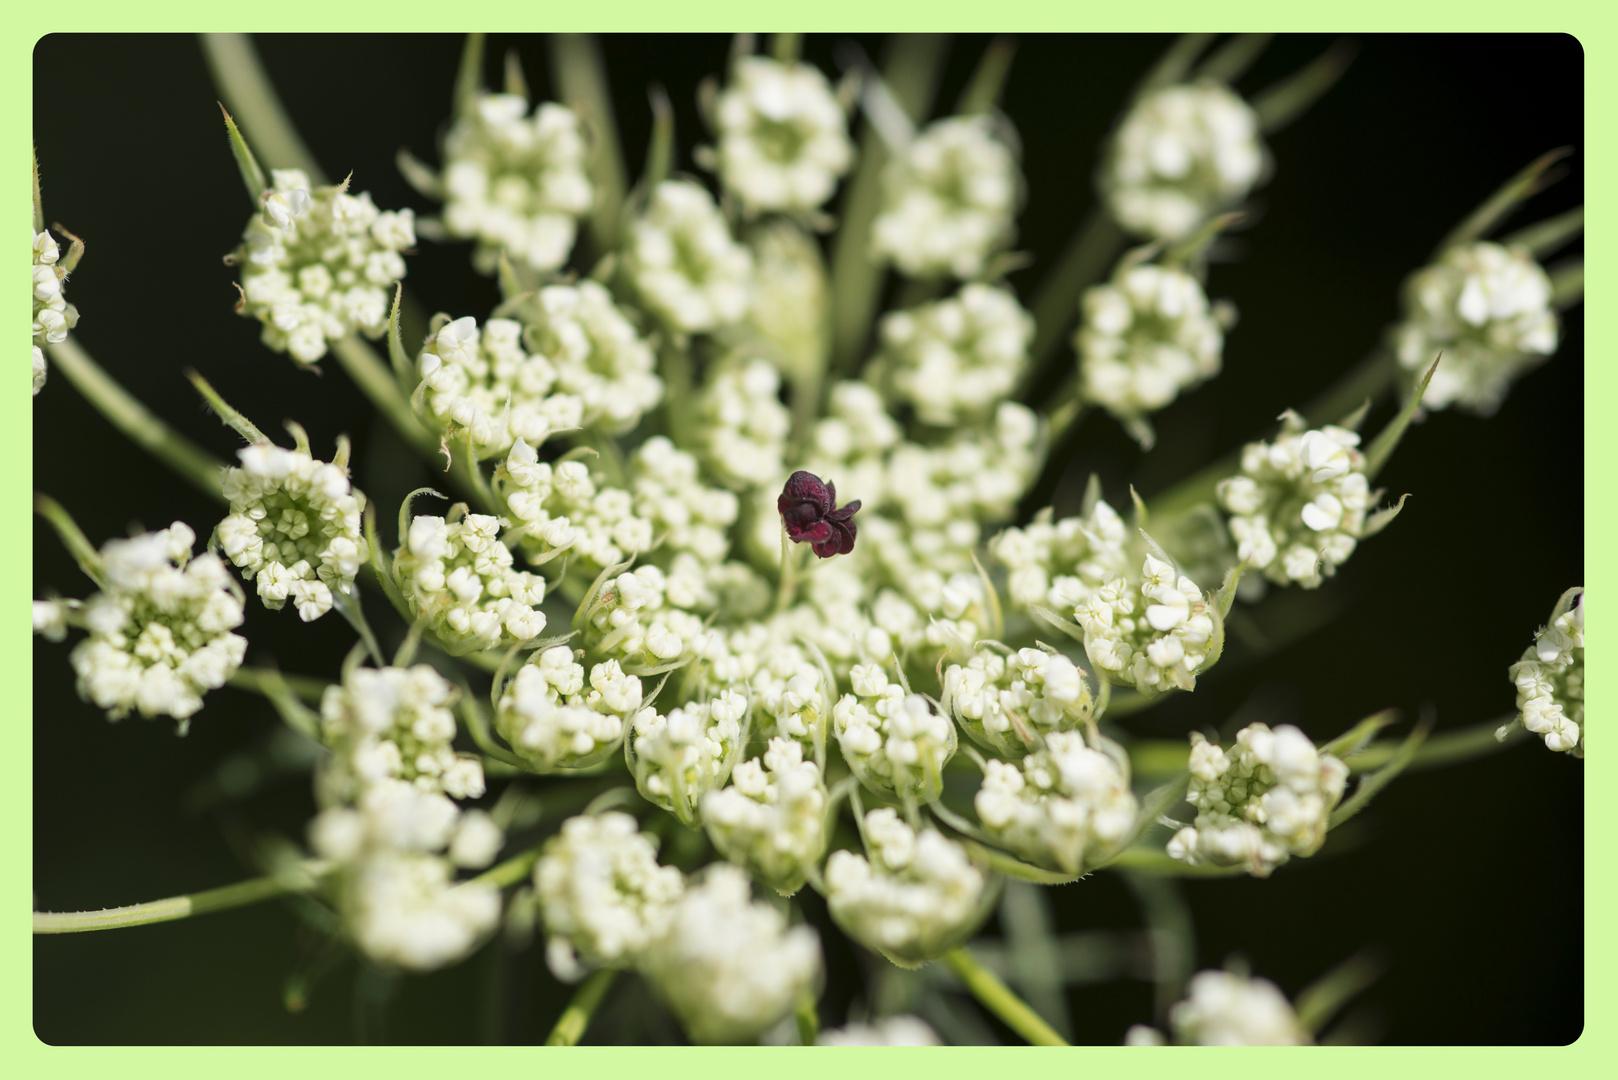 Blütenstempel eine wilden Möhre